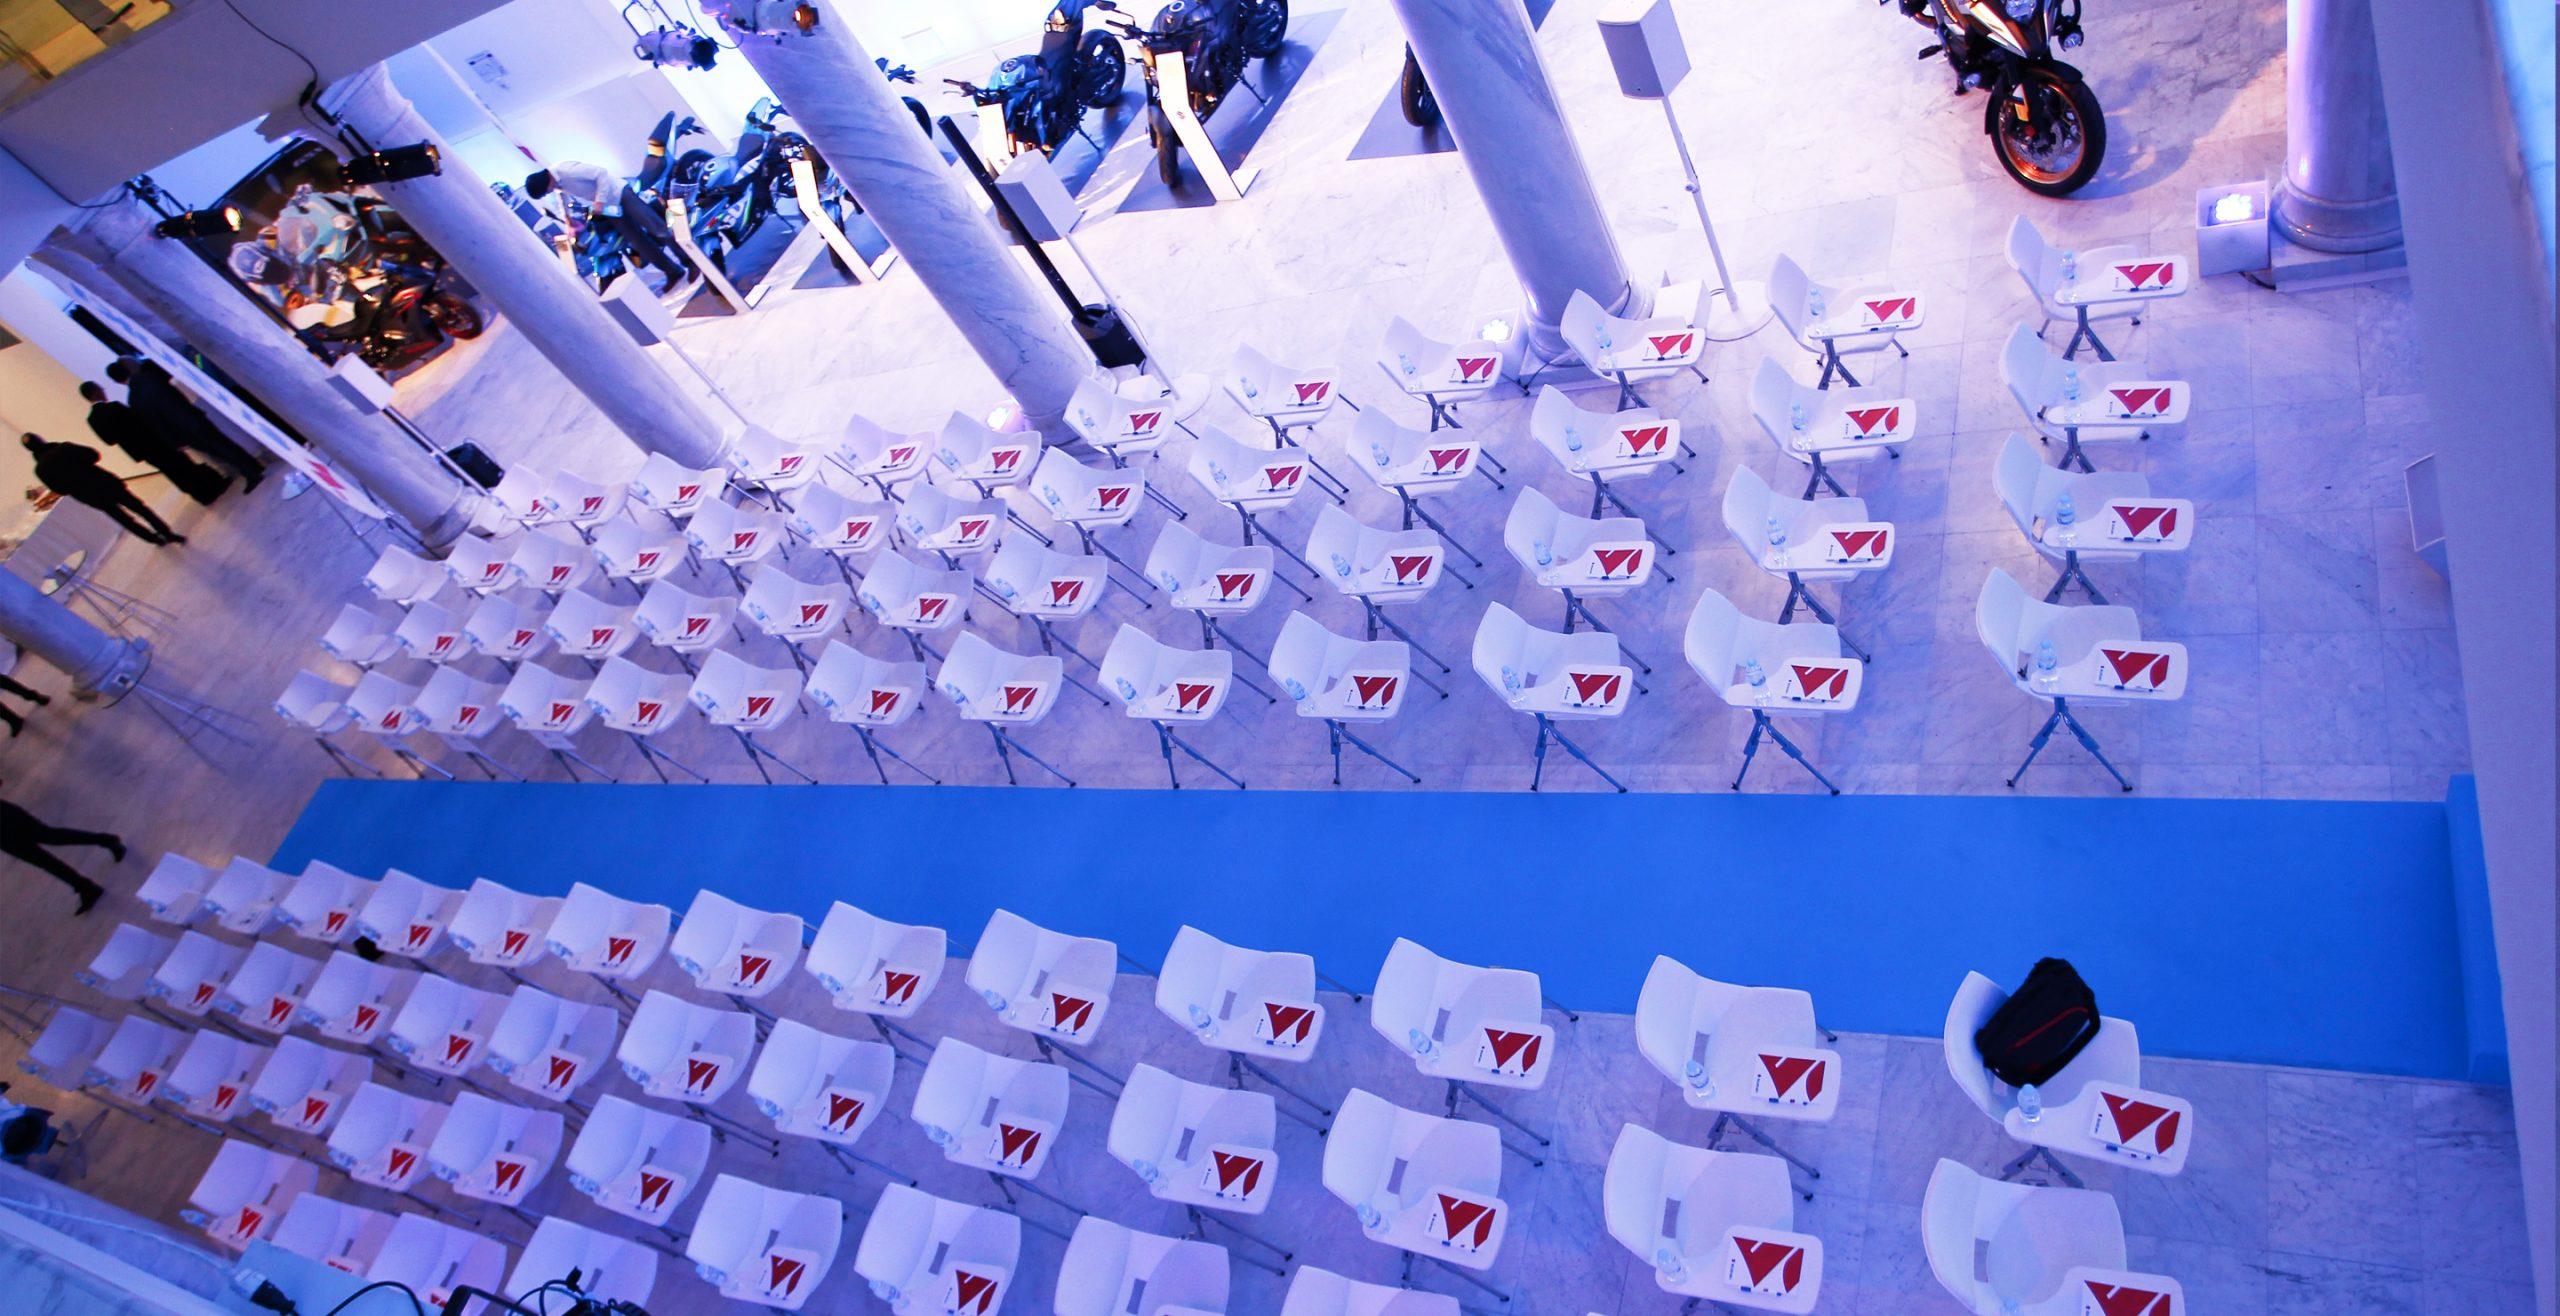 Sillas preparadas durante la Convennción anual de concesionarios Suzuki en el Palacio de Neptuno